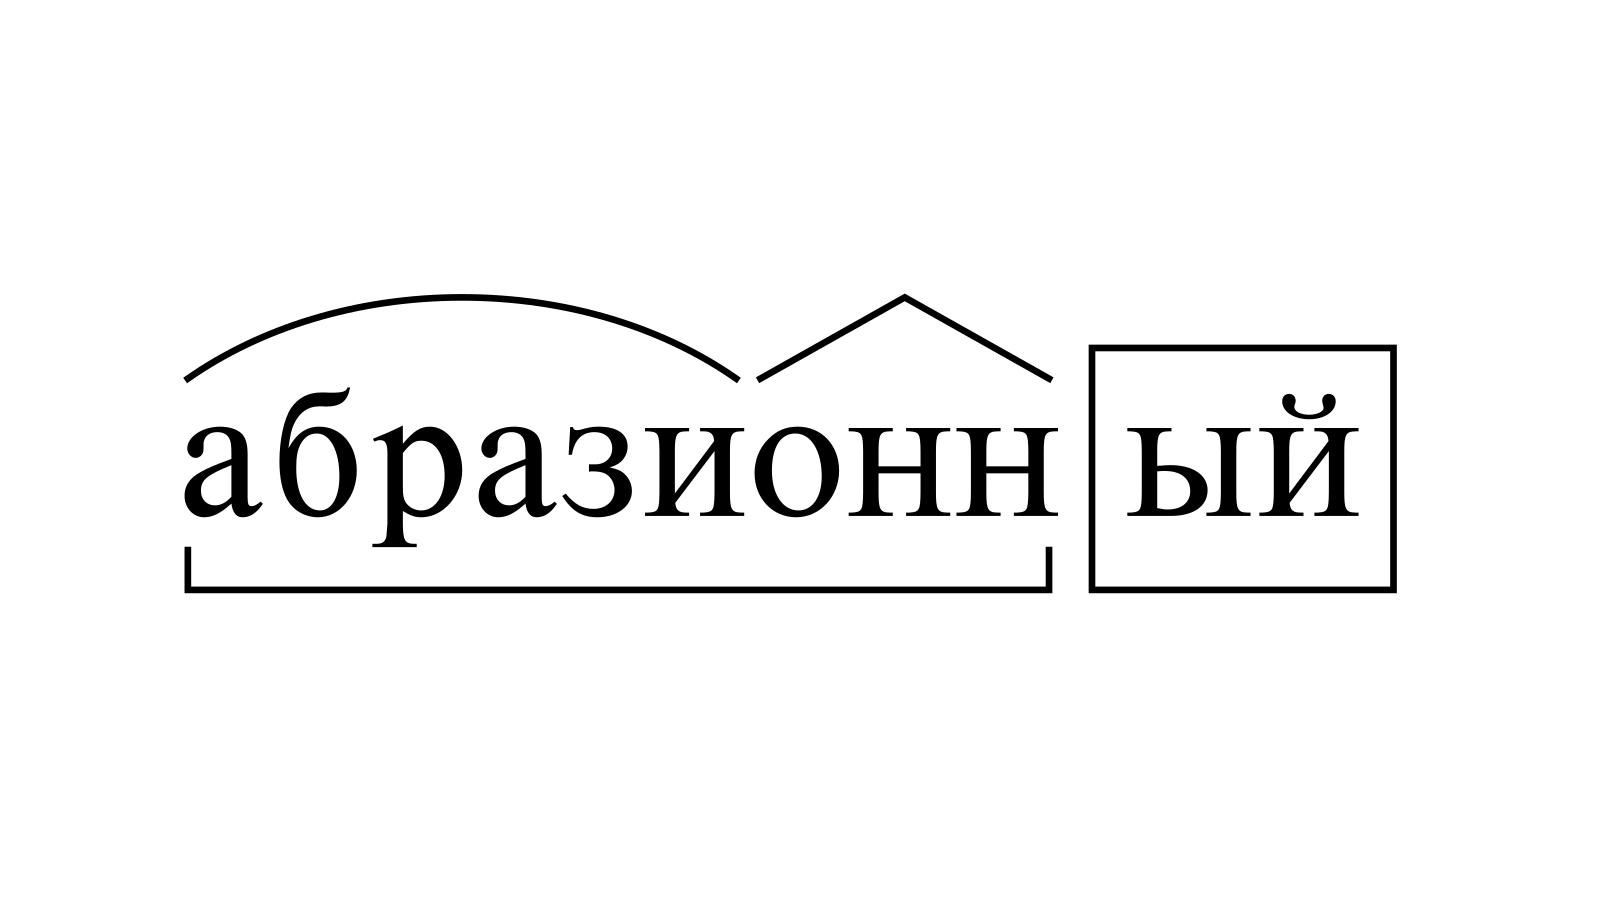 Разбор слова «абразионный» по составу